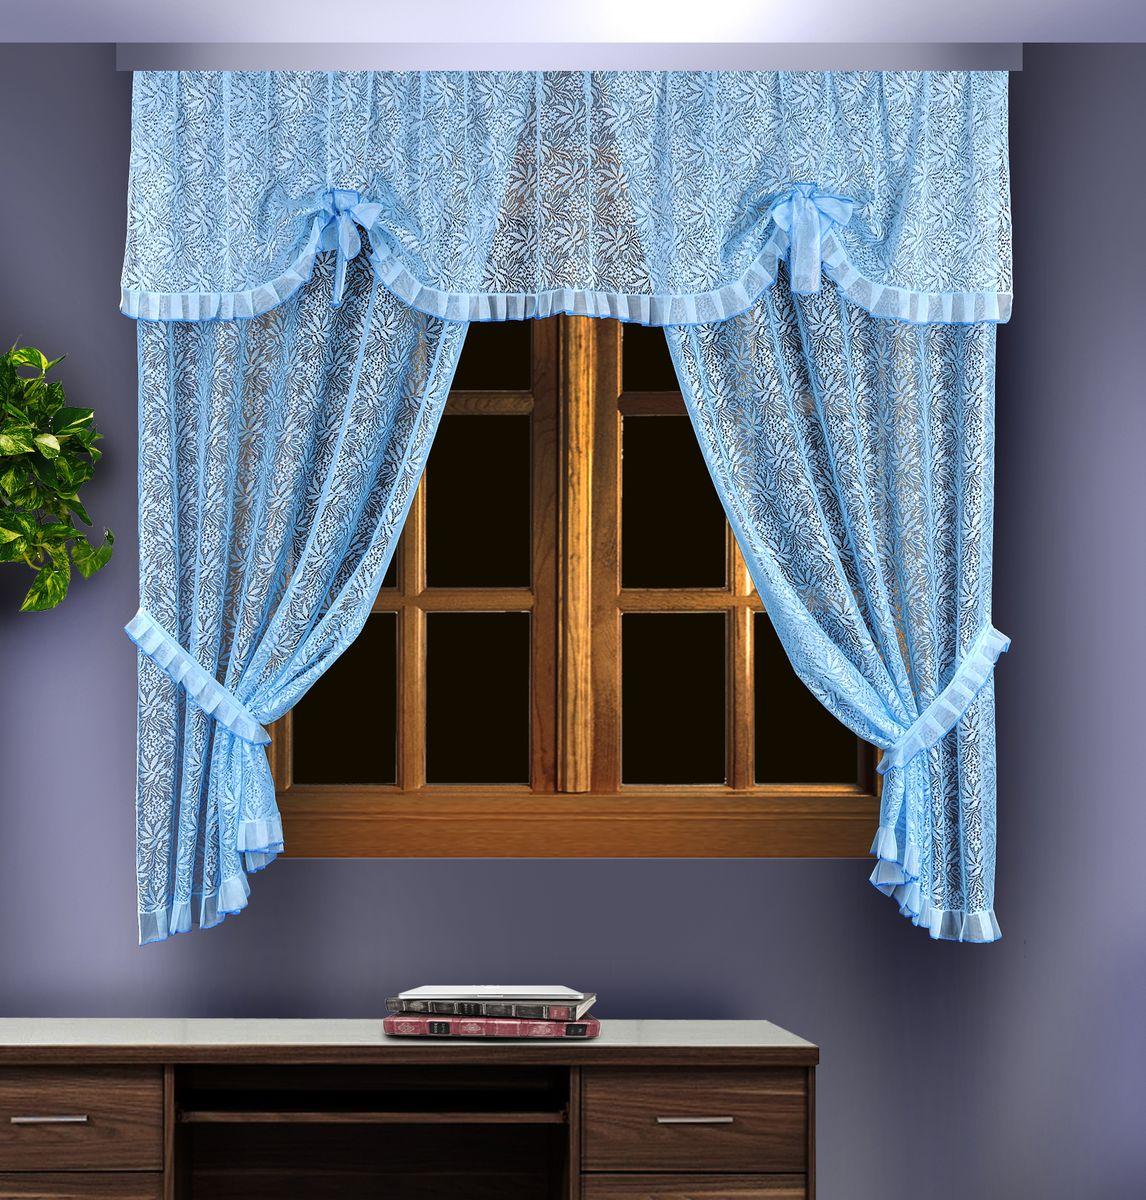 Комплект штор для кухни Zlata Korunka, цвет: голубой, высота 180 см. 88836K100Комплект штор Zlata Korunka, изготовленный из полиэстера голубого цвета, станет великолепным украшением кухонного окна. Шторы выполнены из сетчатого материала и декорированы цветочным рисунком. В комплект входят 2 шторы, ламбрекен и 2 подхвата. Тонкое плетение и оригинальный дизайн привлекут к себе внимание и органично впишутся в интерьер. Верхняя часть комплекта не оснащена креплениями.В комплект входит: Ламбрекен: 1 шт. Размер (Ш х В): 250 см х 55 см. Штора: 2 шт. Размер (Ш х В): 125 см х 180 см.Подхват: 2 шт.